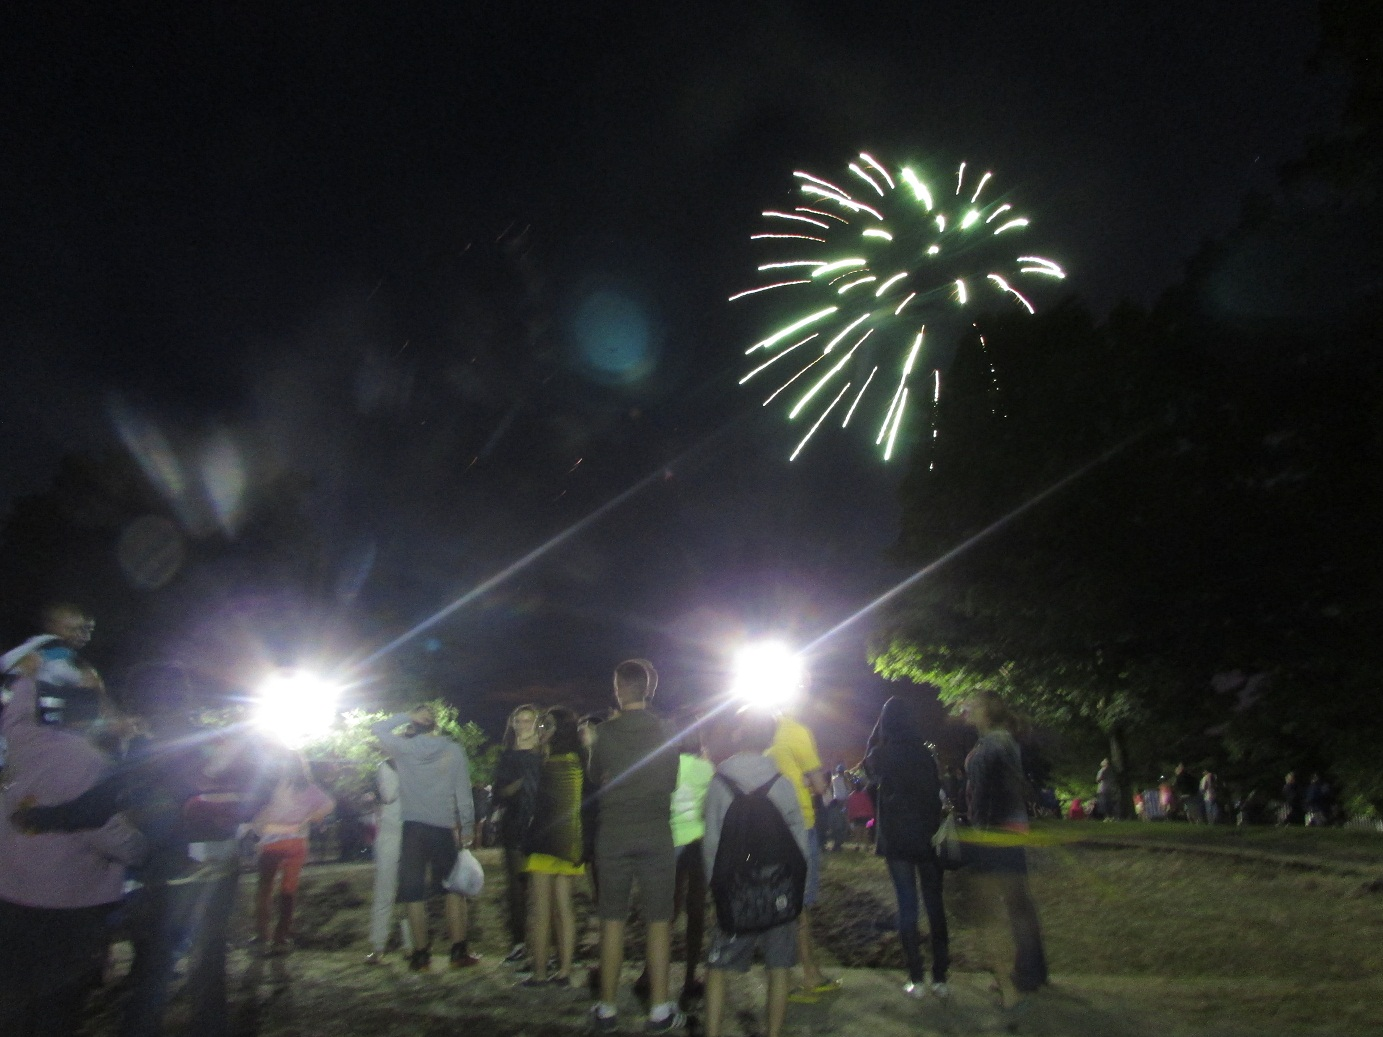 Queima de fogos - 04 de julho